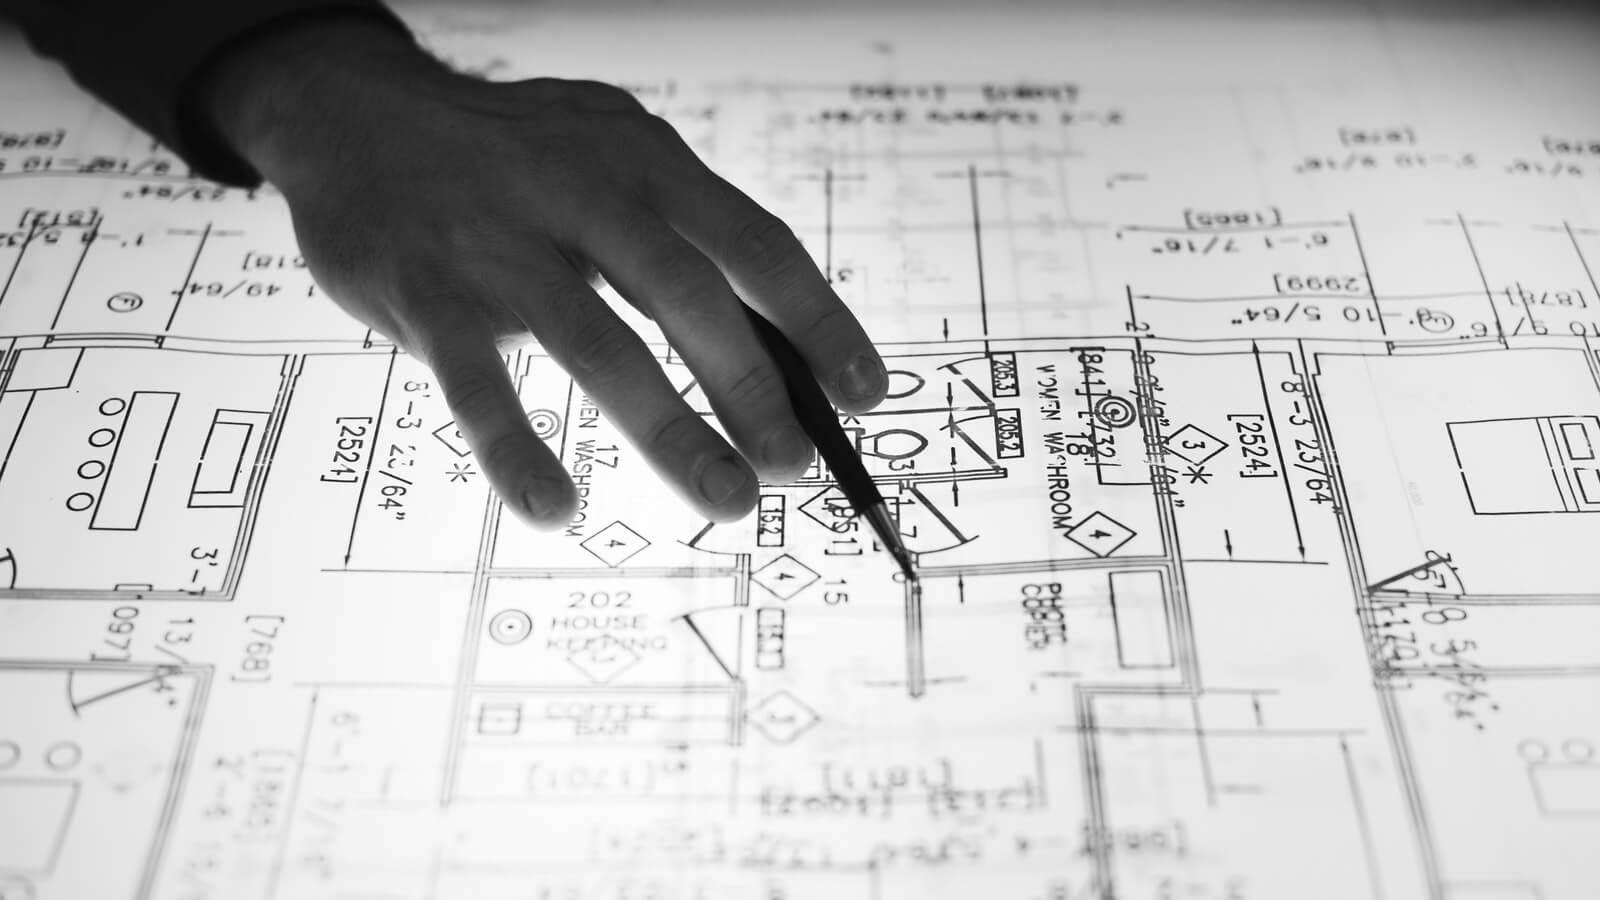 Mimarlık Fakültesi Lisans Programı 2019 Başarı Sıralamaları Burada!